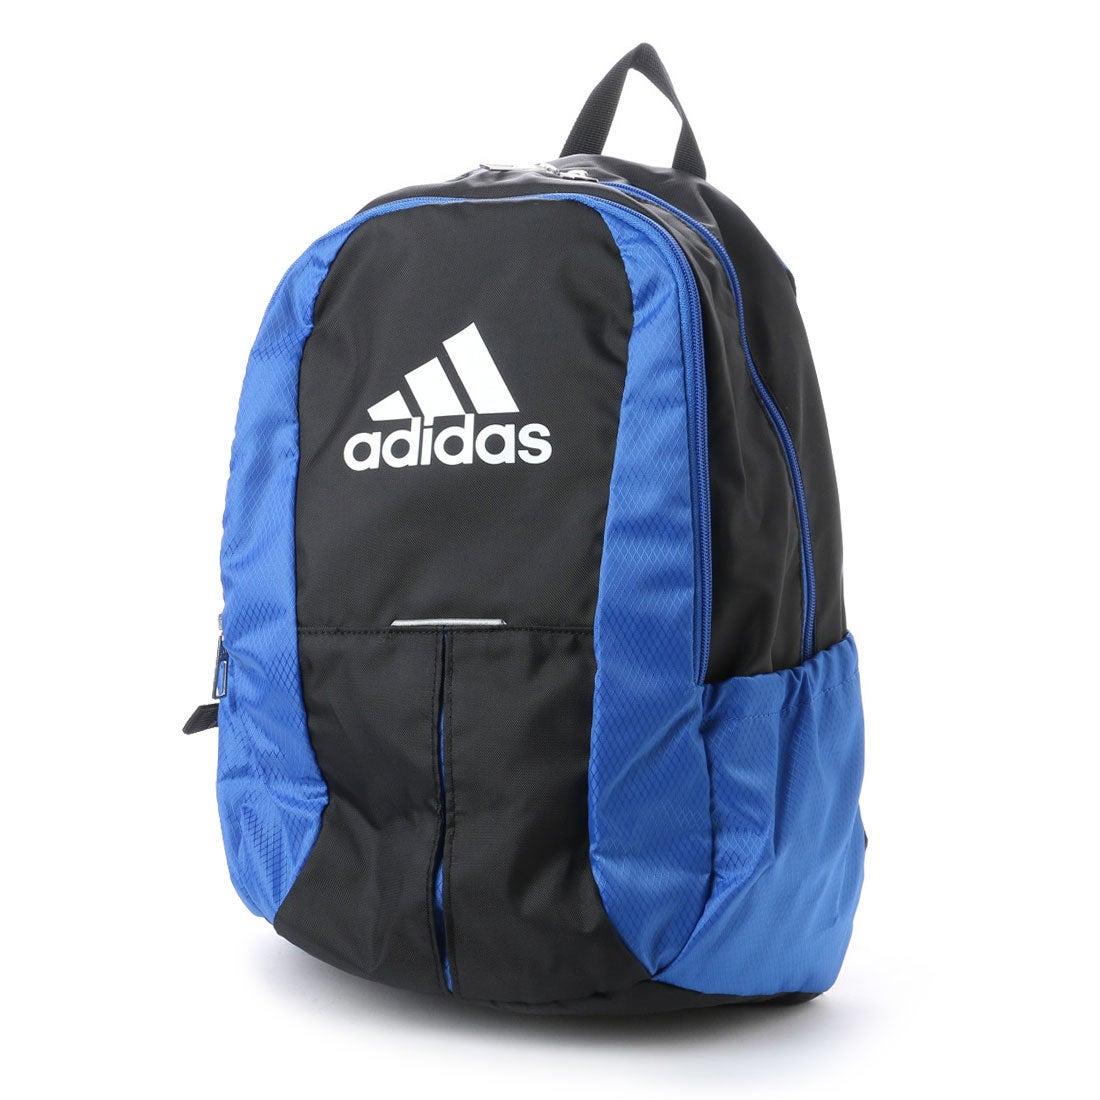 アディダス adidas サッカー フットサル バックパック ボール用デイパック ADP24BKB